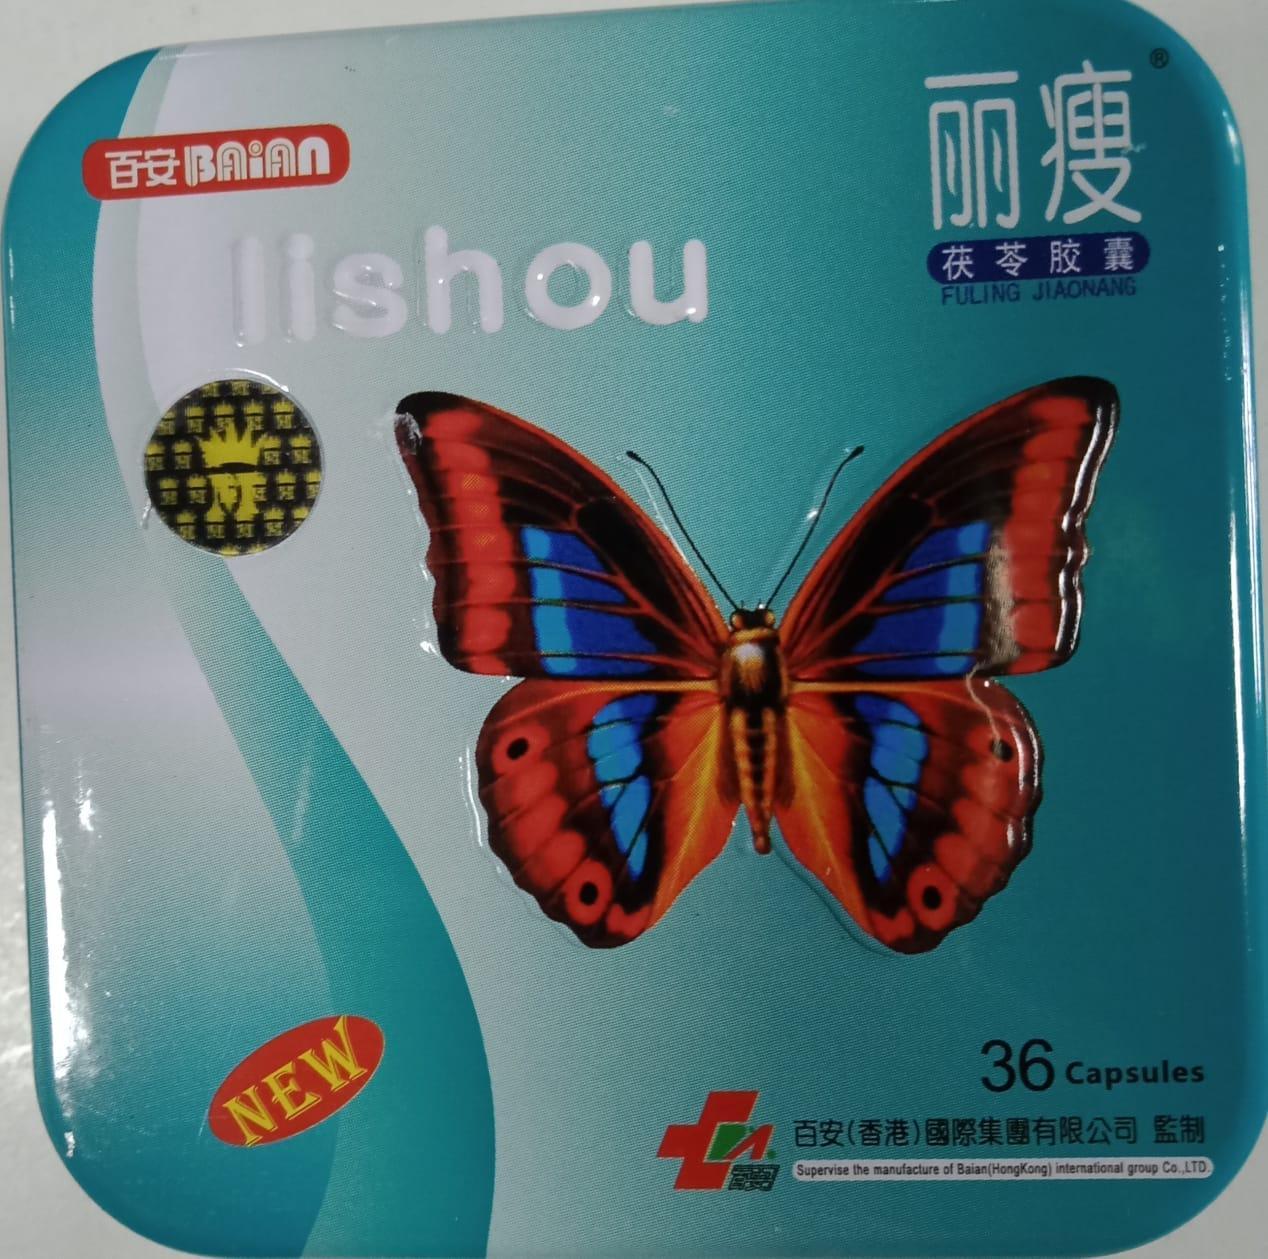 Lishou (Лишоу)